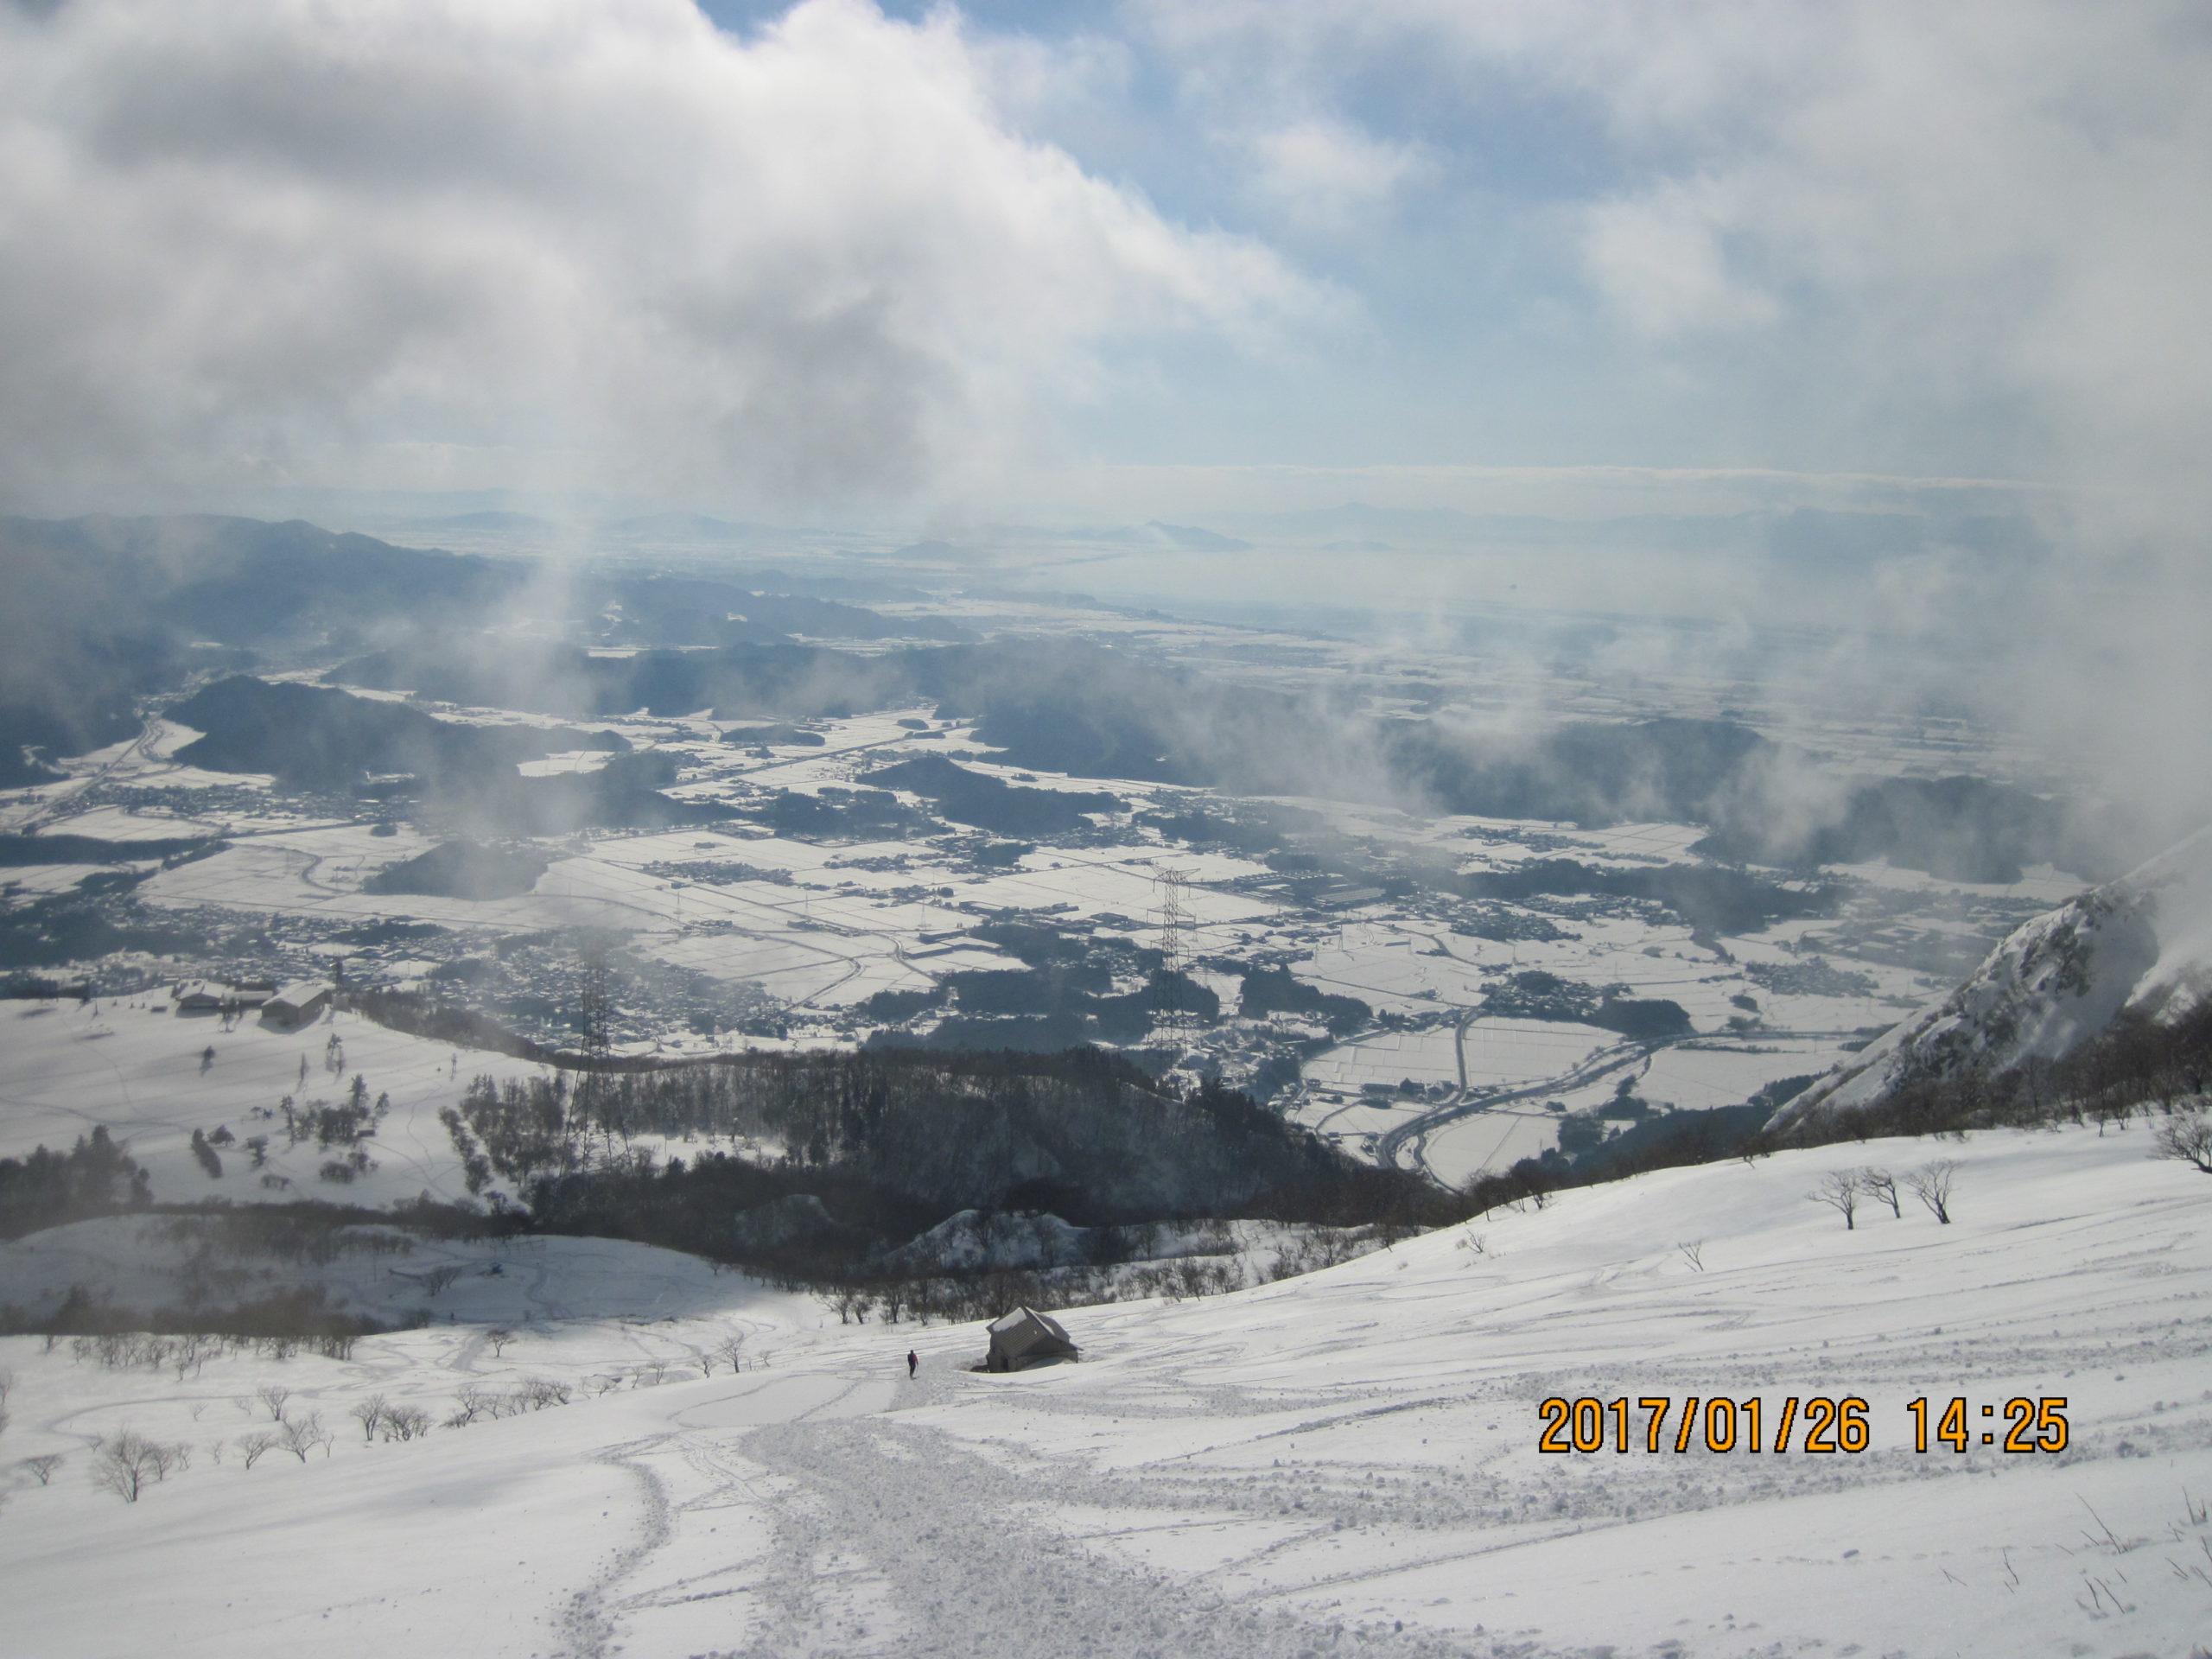 伊吹山で冬登山|スノーシューで滑走